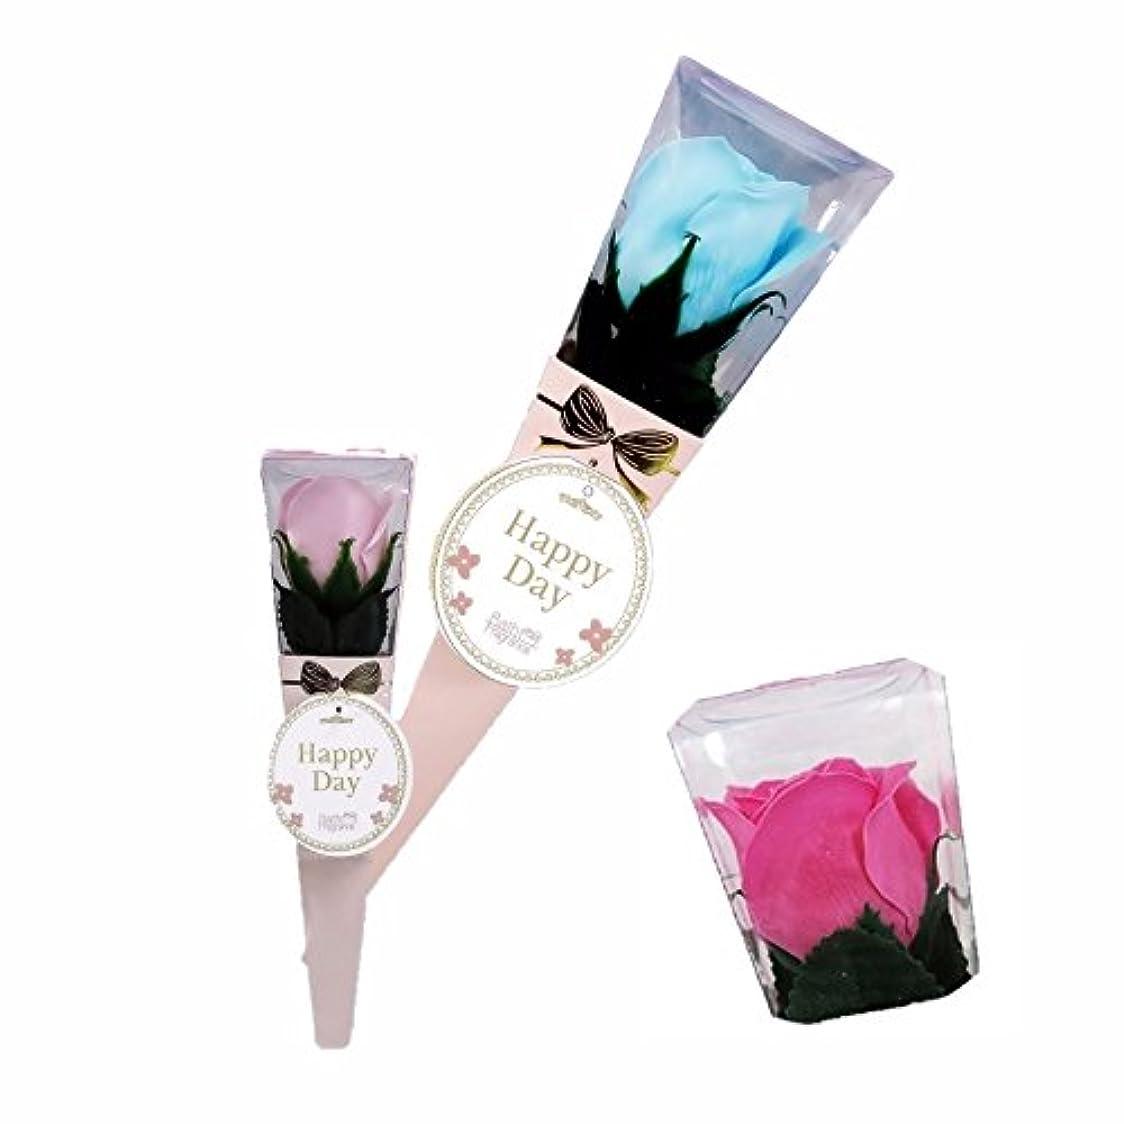 五十武器粉砕するバスフレグランス ミニローズブーケ ローズピンク バスフラワー ギフト お花の形の入浴剤